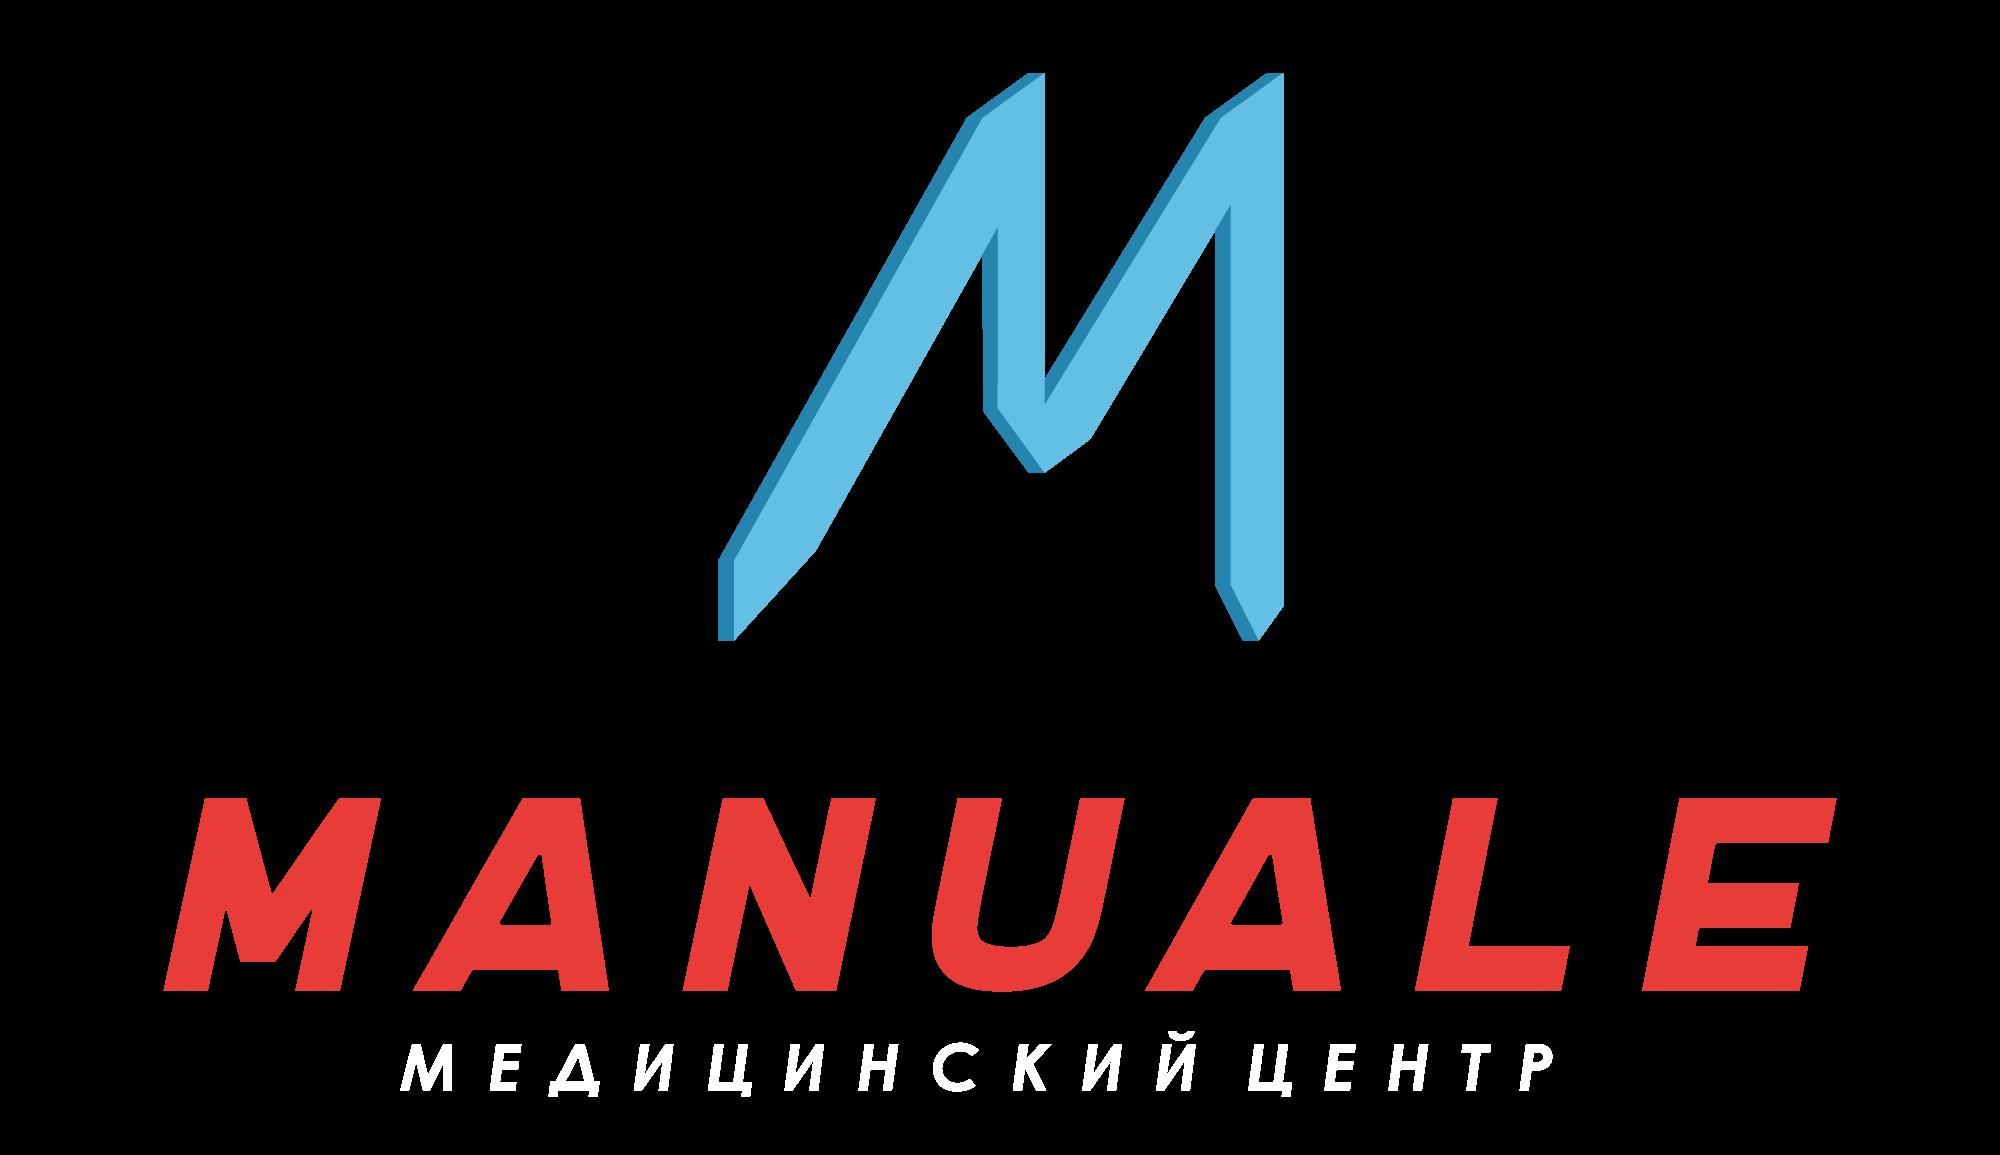 Manual-kzn